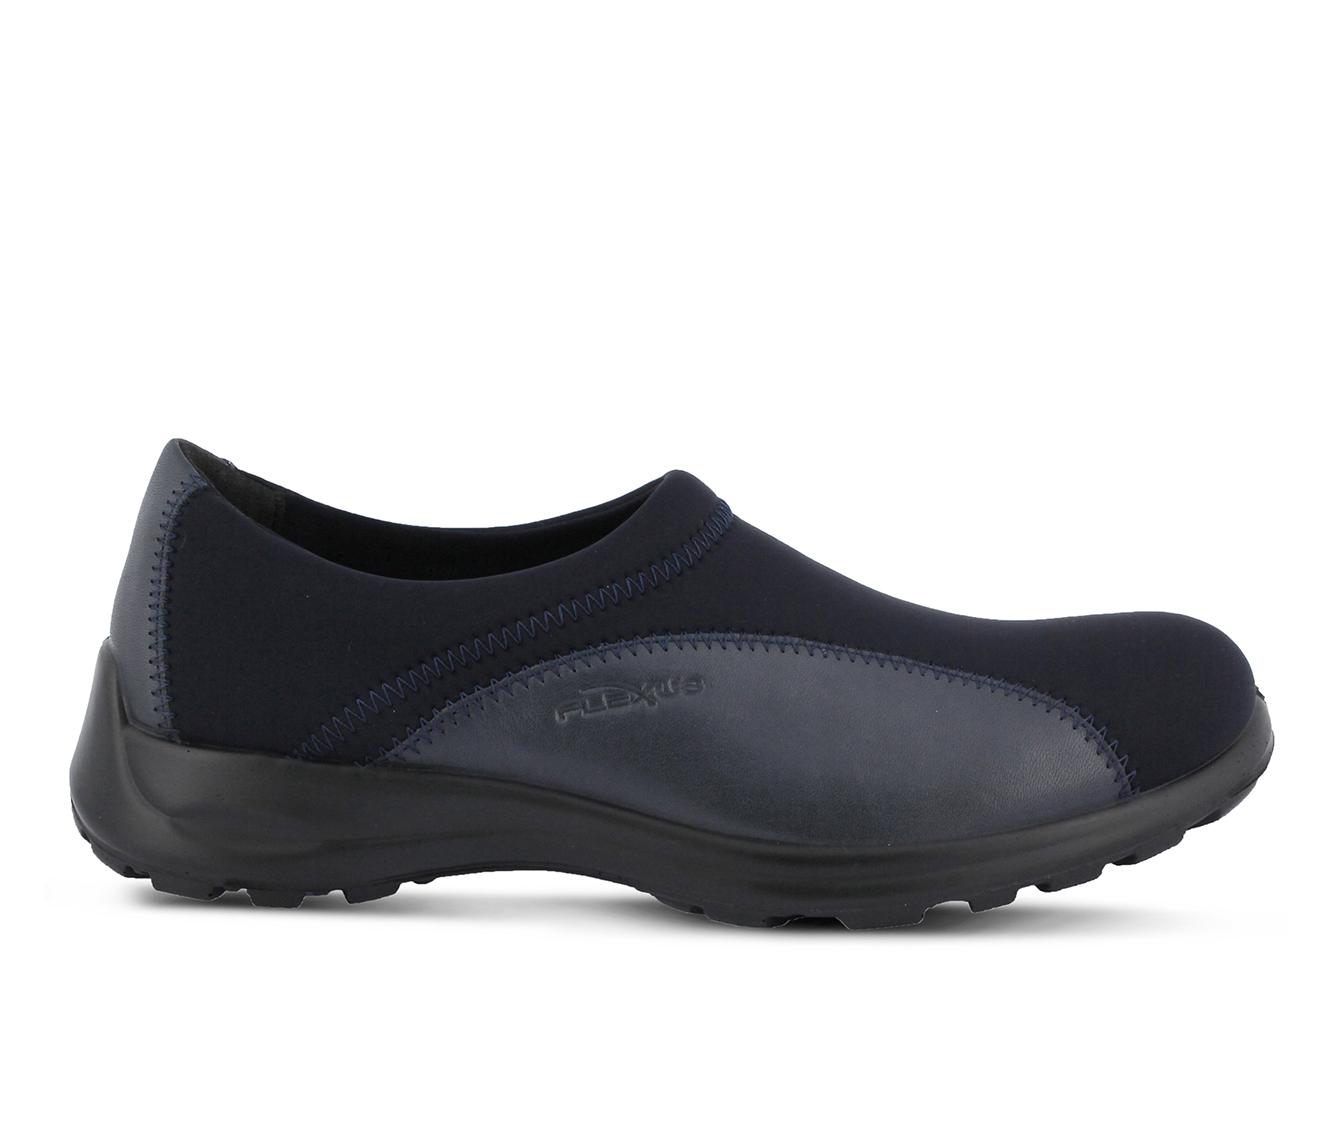 Flexus Willow Women's Shoe (Blue Leather)